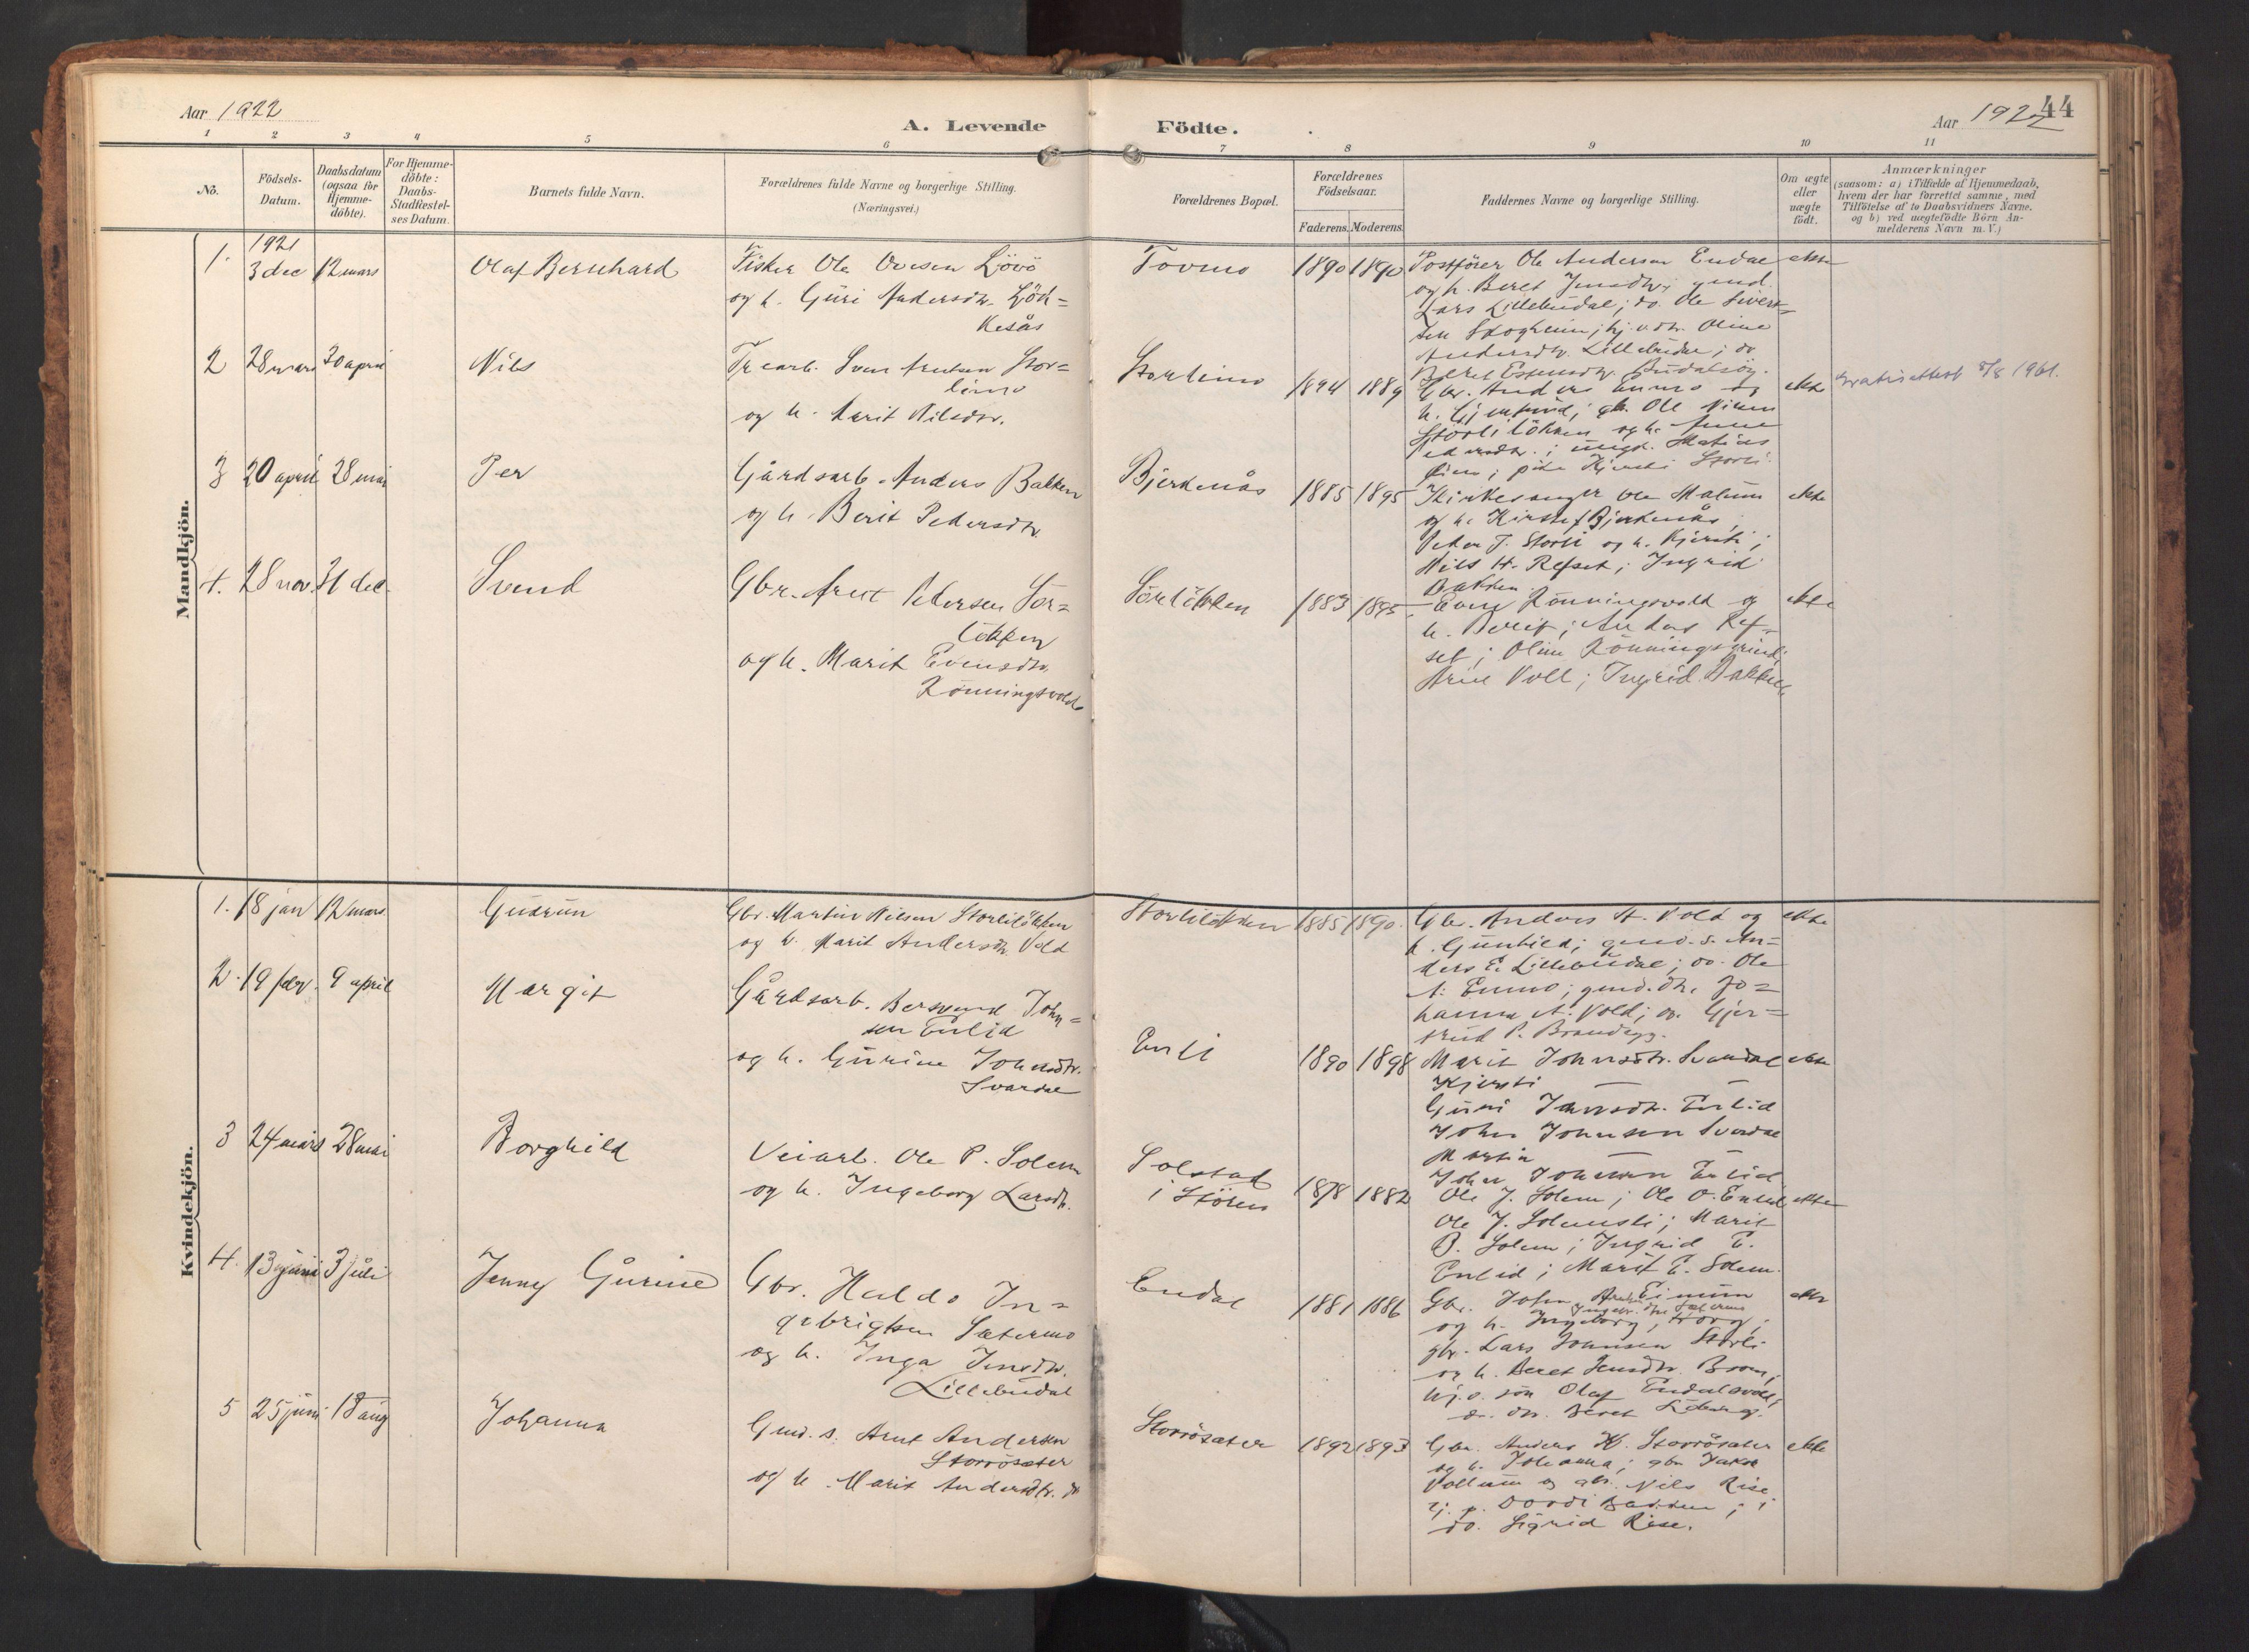 SAT, Ministerialprotokoller, klokkerbøker og fødselsregistre - Sør-Trøndelag, 690/L1050: Ministerialbok nr. 690A01, 1889-1929, s. 44